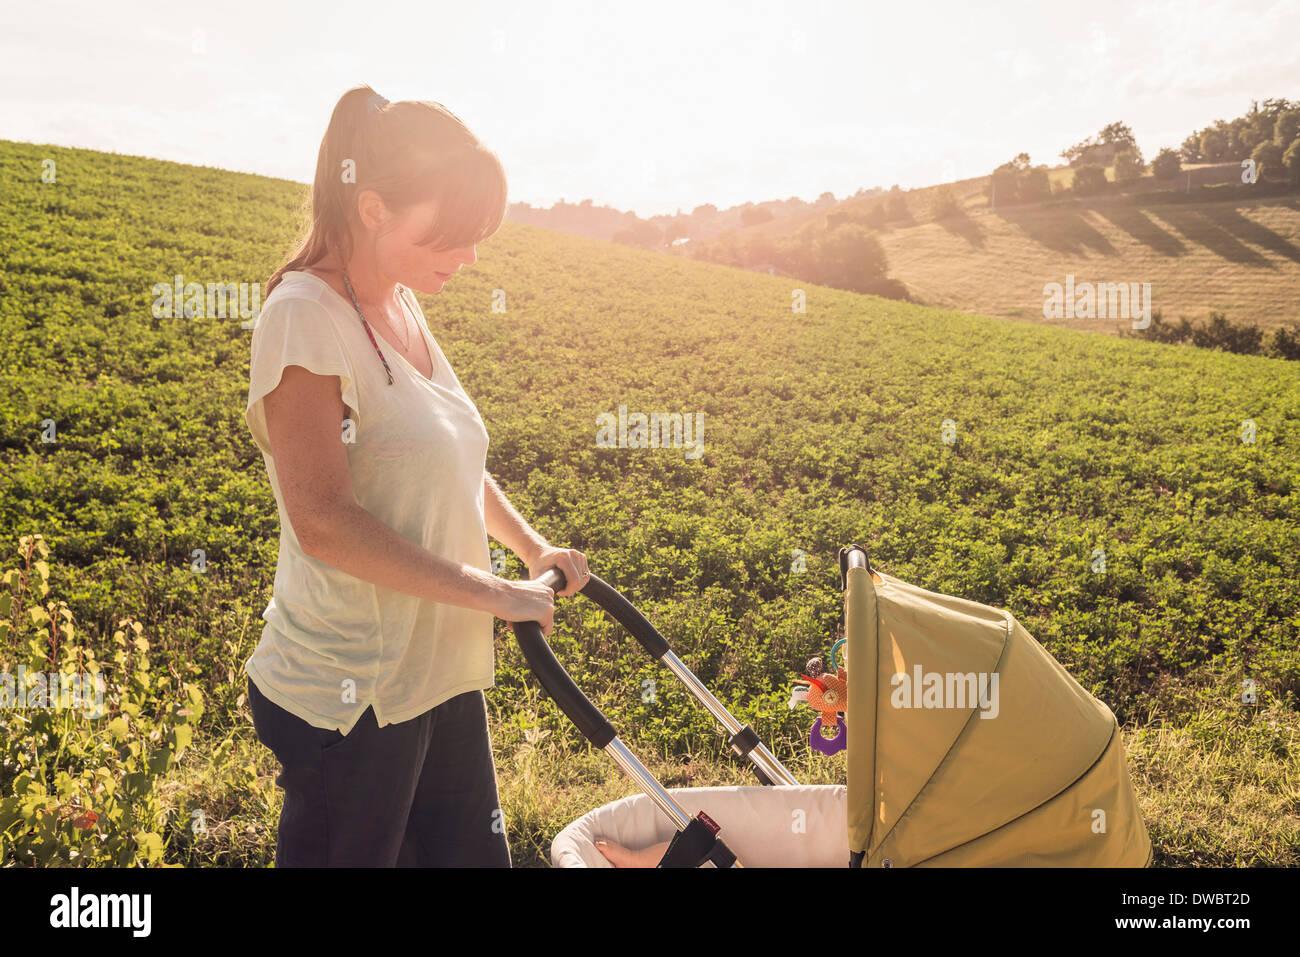 Mutter einen Spaziergang im Lande Baby Kinderwagen schieben Stockbild